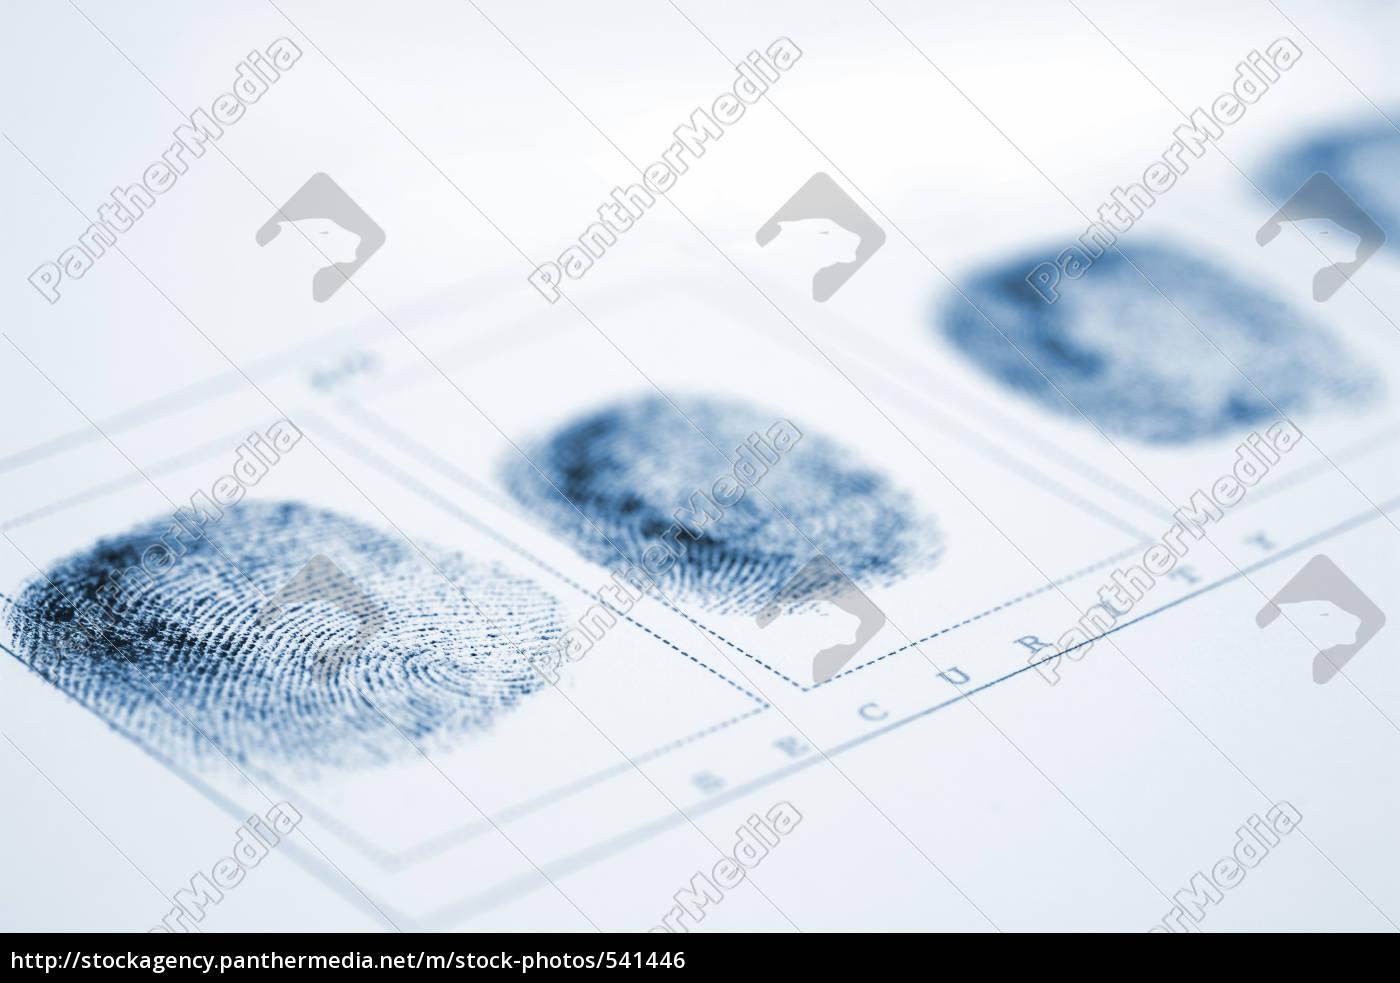 fingerprint - 541446